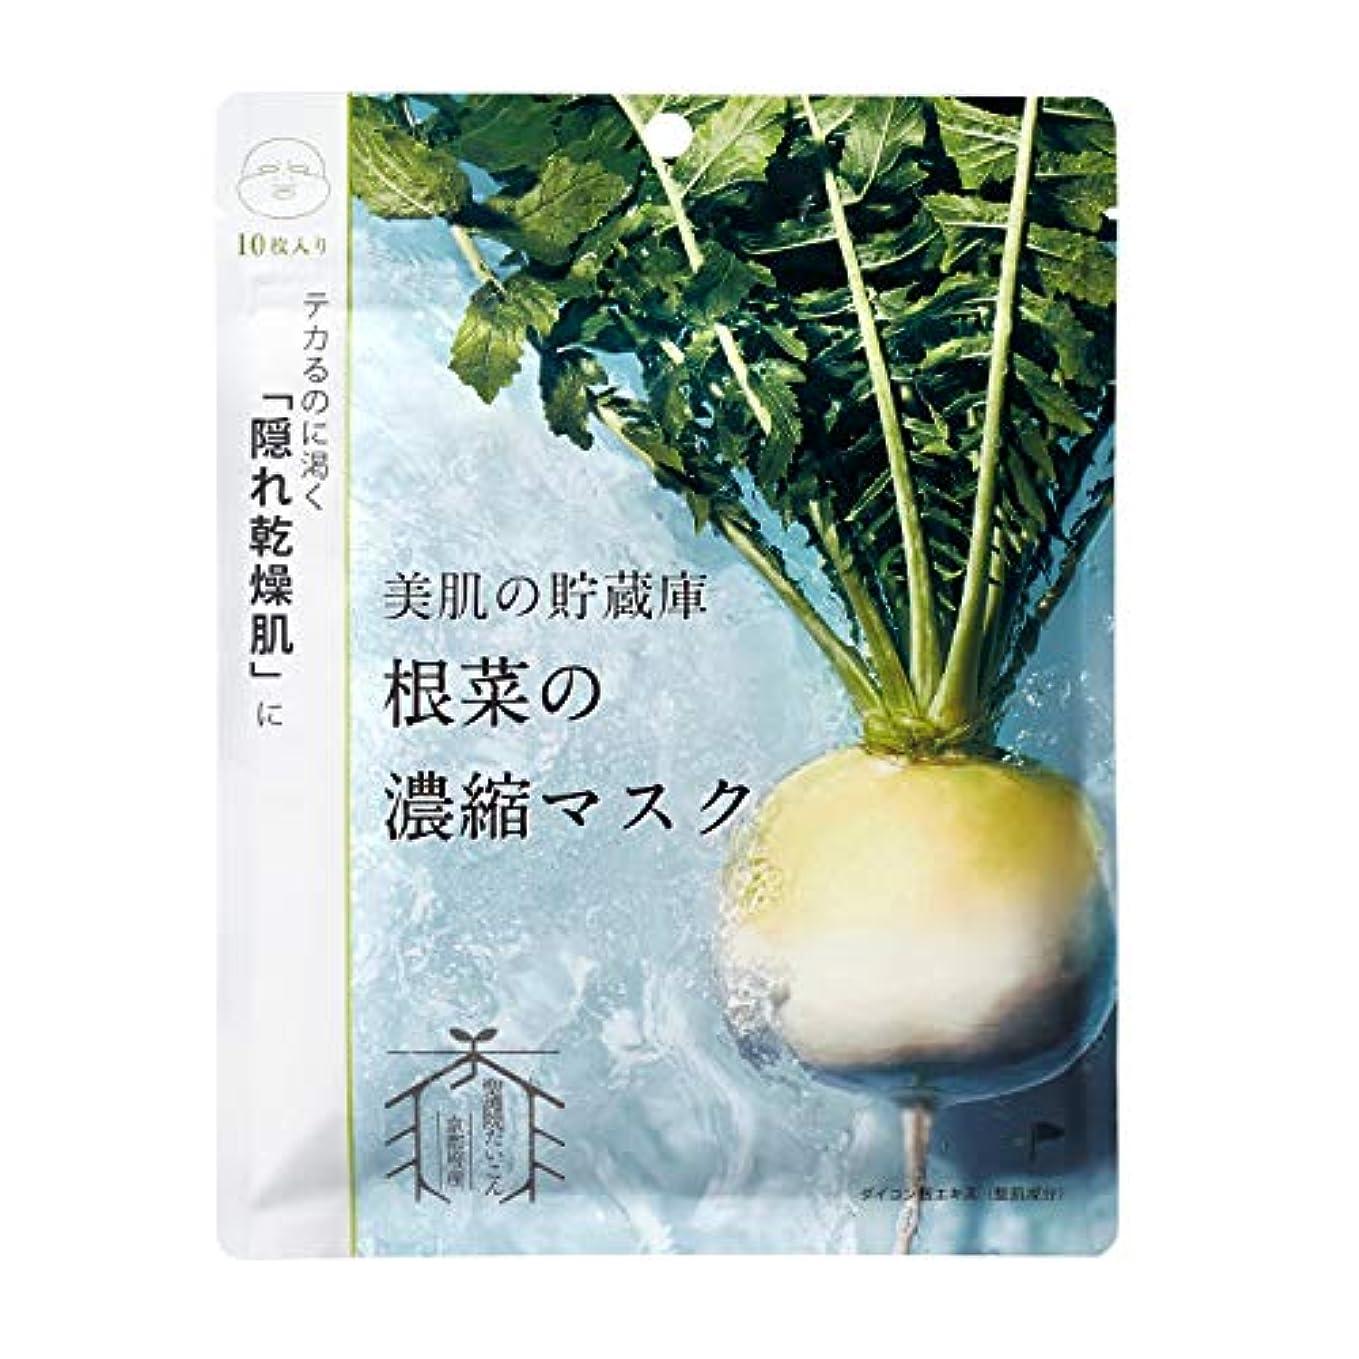 部分的にカセットニッケル@cosme nippon 美肌の貯蔵庫 根菜の濃縮マスク 聖護院だいこん 10枚入 148ml